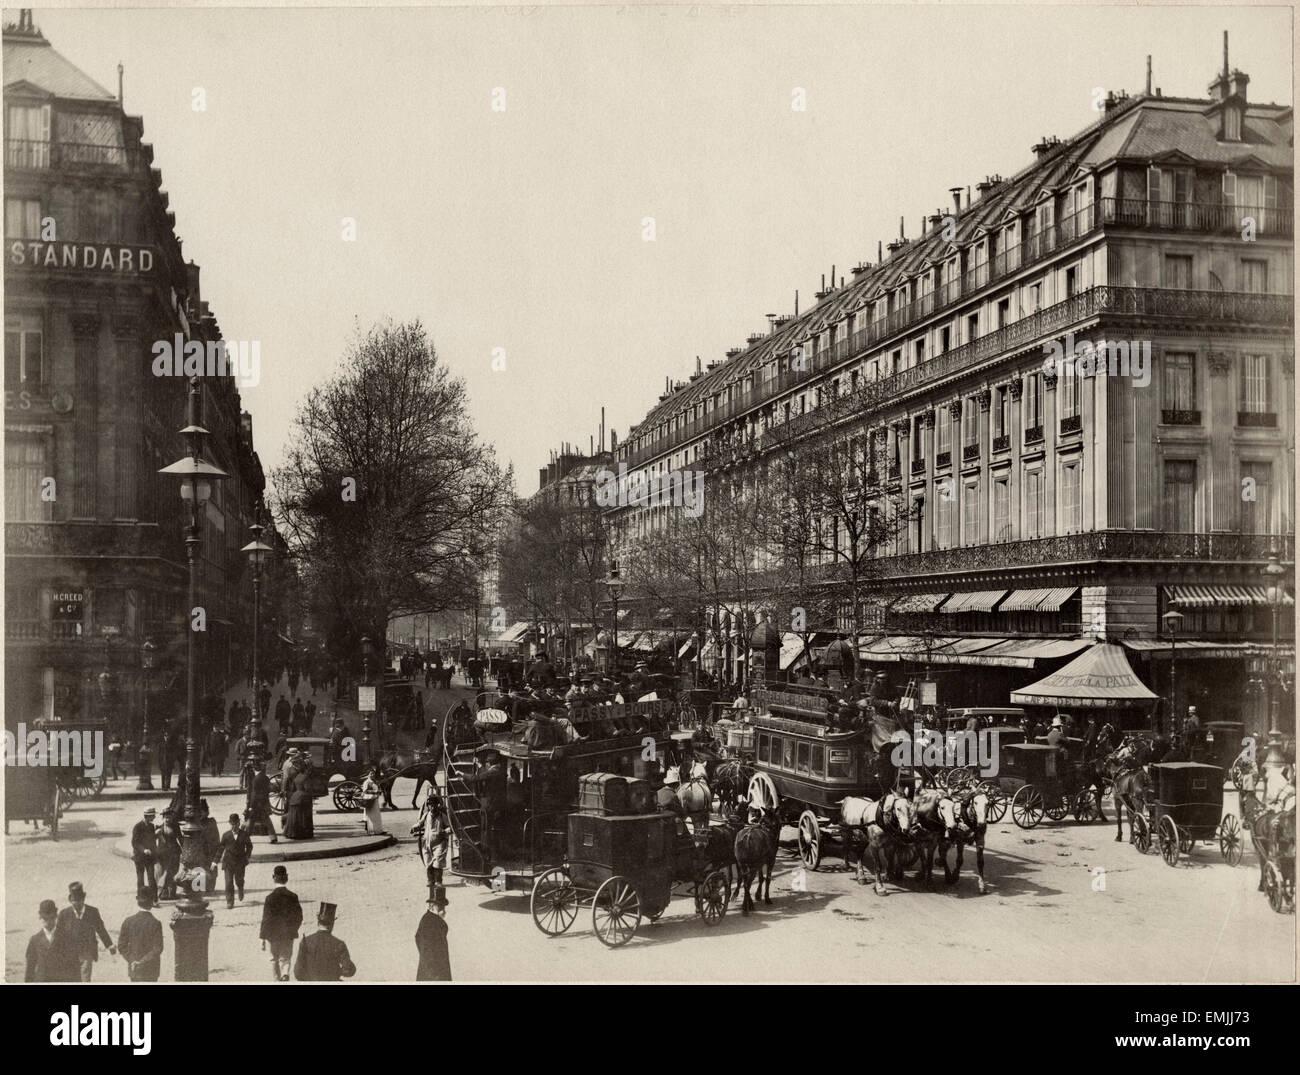 Cafe Lumiere Paris